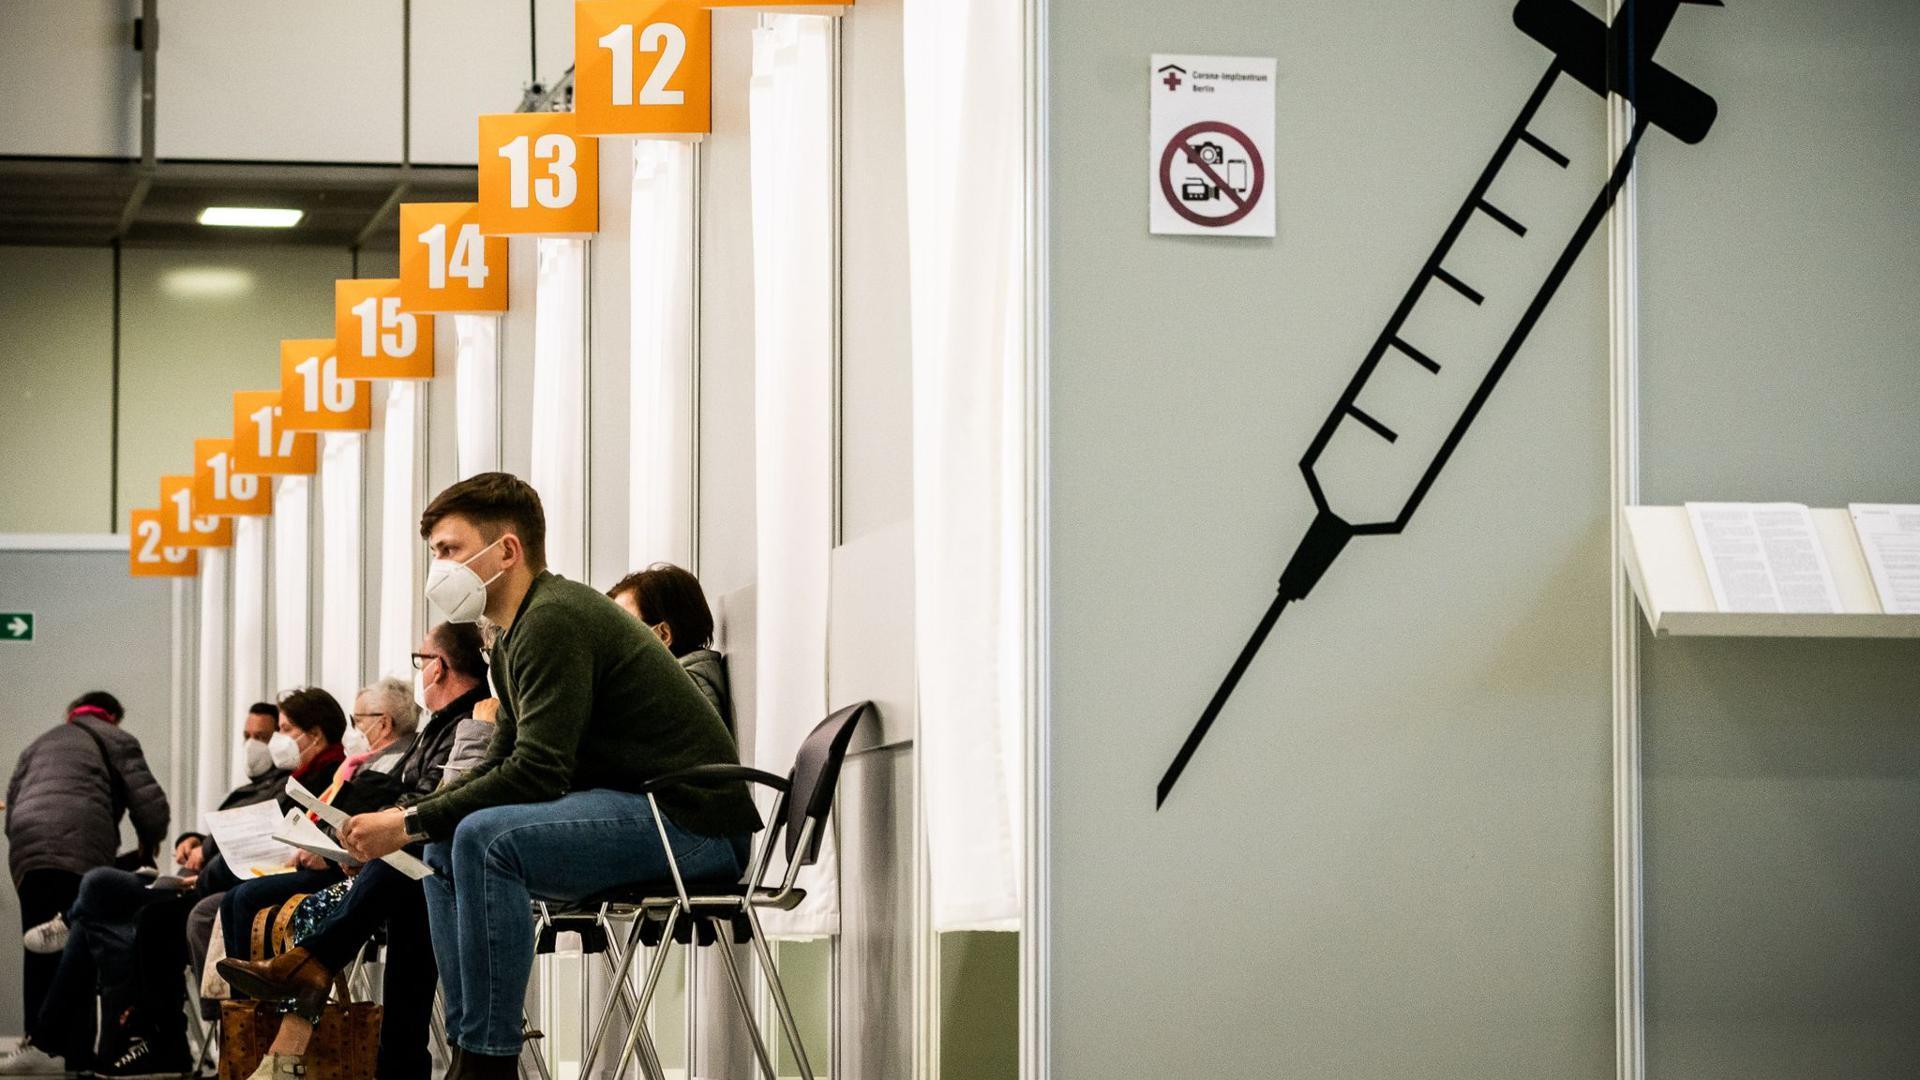 Menschen warten im Corona-Impfzentrum auf dem Berliner Messegelände auf ihre Impfung. Mehrere Politiker fordern eine Strafe für Impfterminschwänzer.